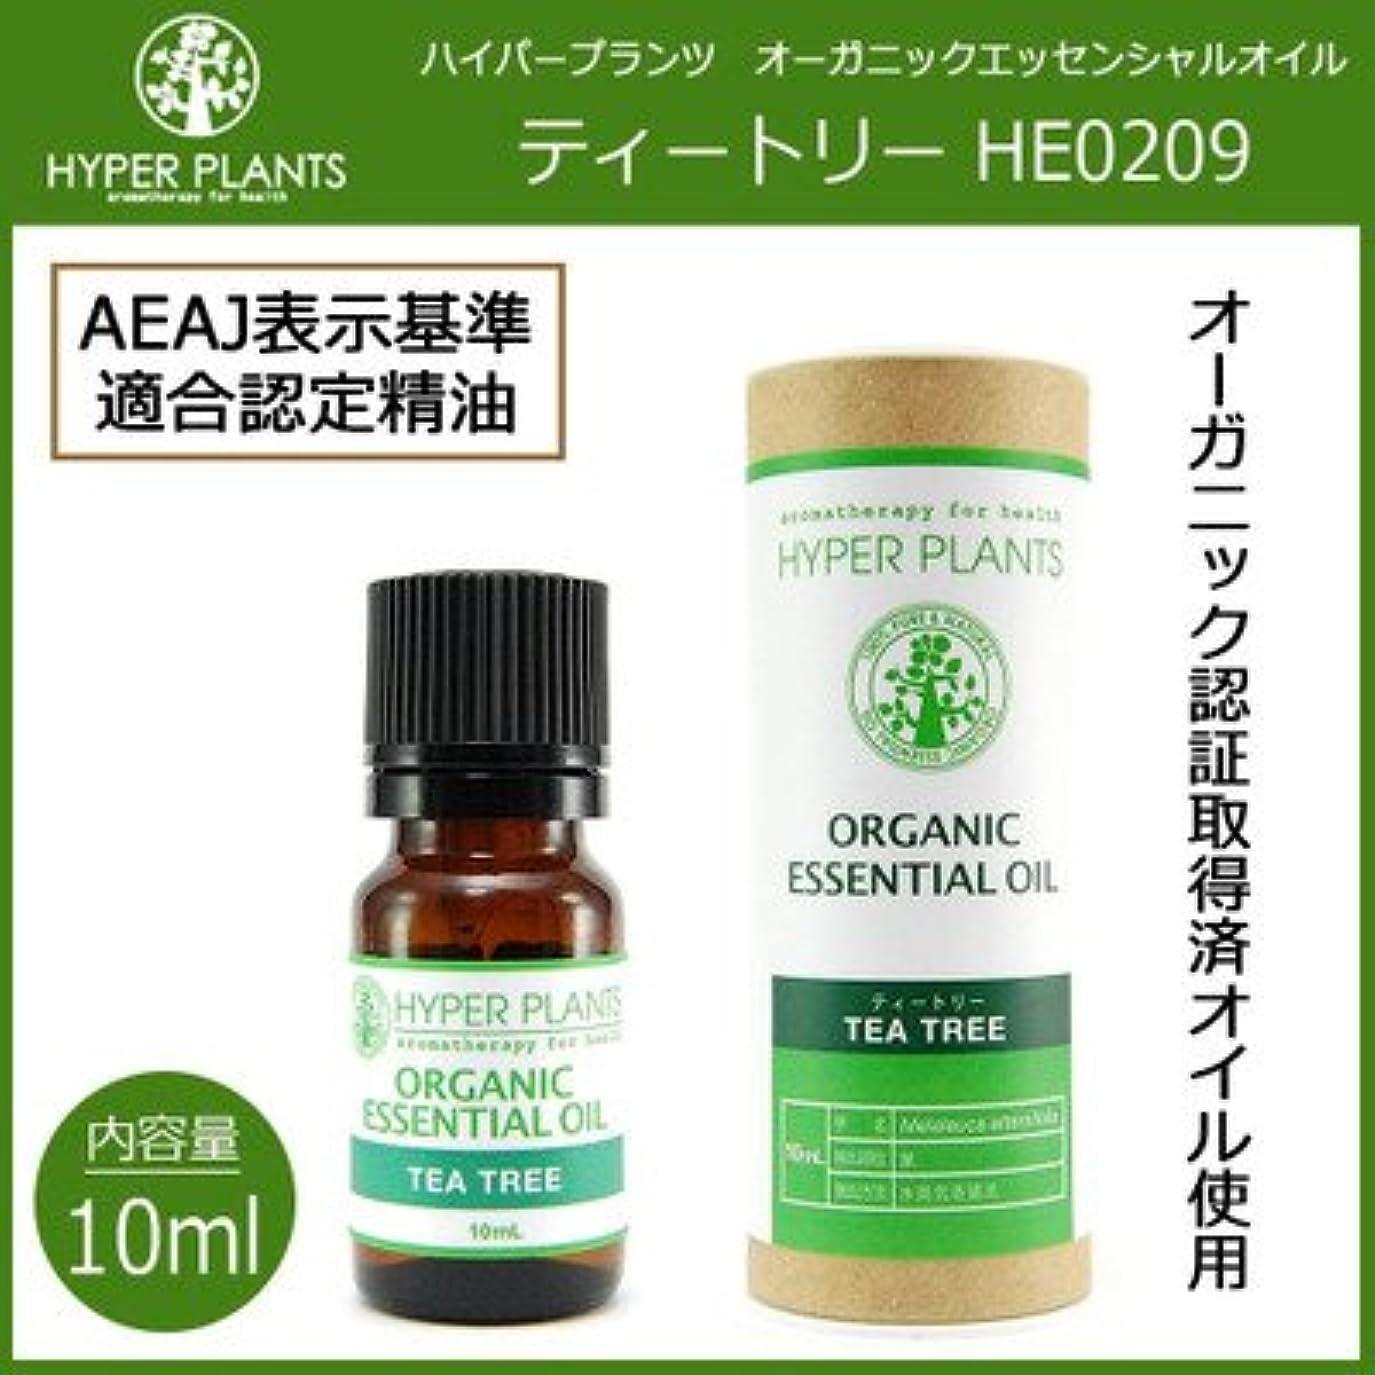 初期マエストロフェローシップ毎日の生活にアロマの香りを HYPER PLANTS ハイパープランツ オーガニックエッセンシャルオイル ティートリー 10ml HE0209